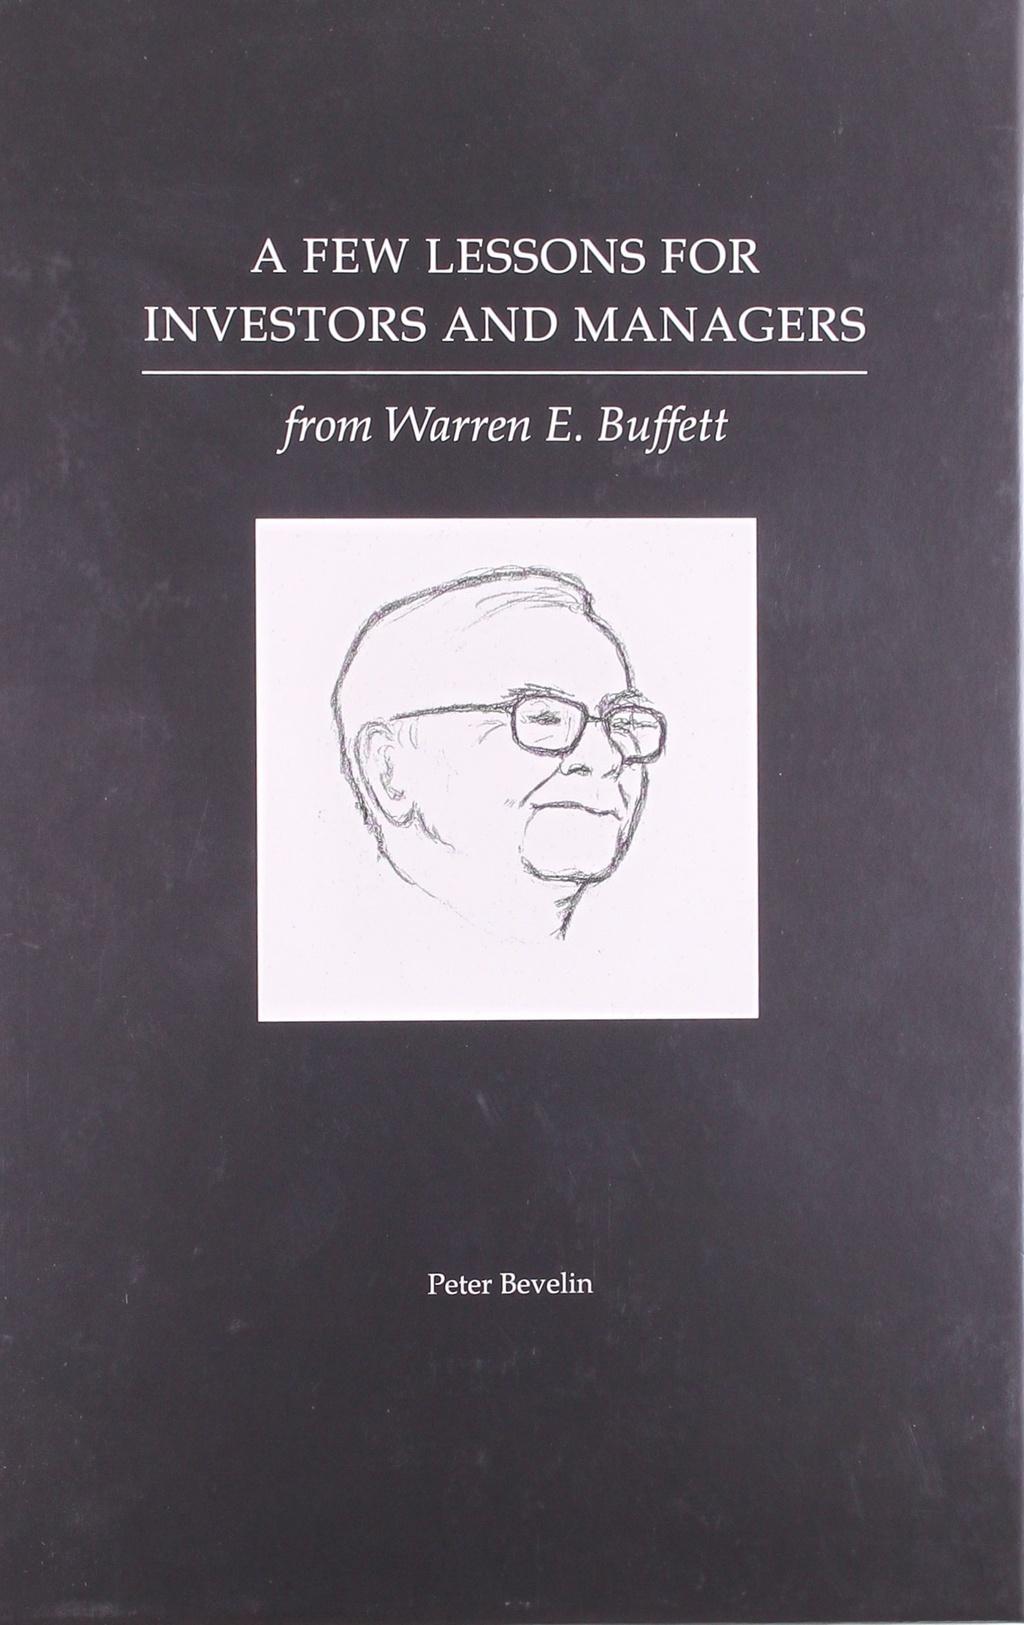 Toan bo loi khuyen lam giau cua Warren Buffett suot 10 nam qua hinh anh 2